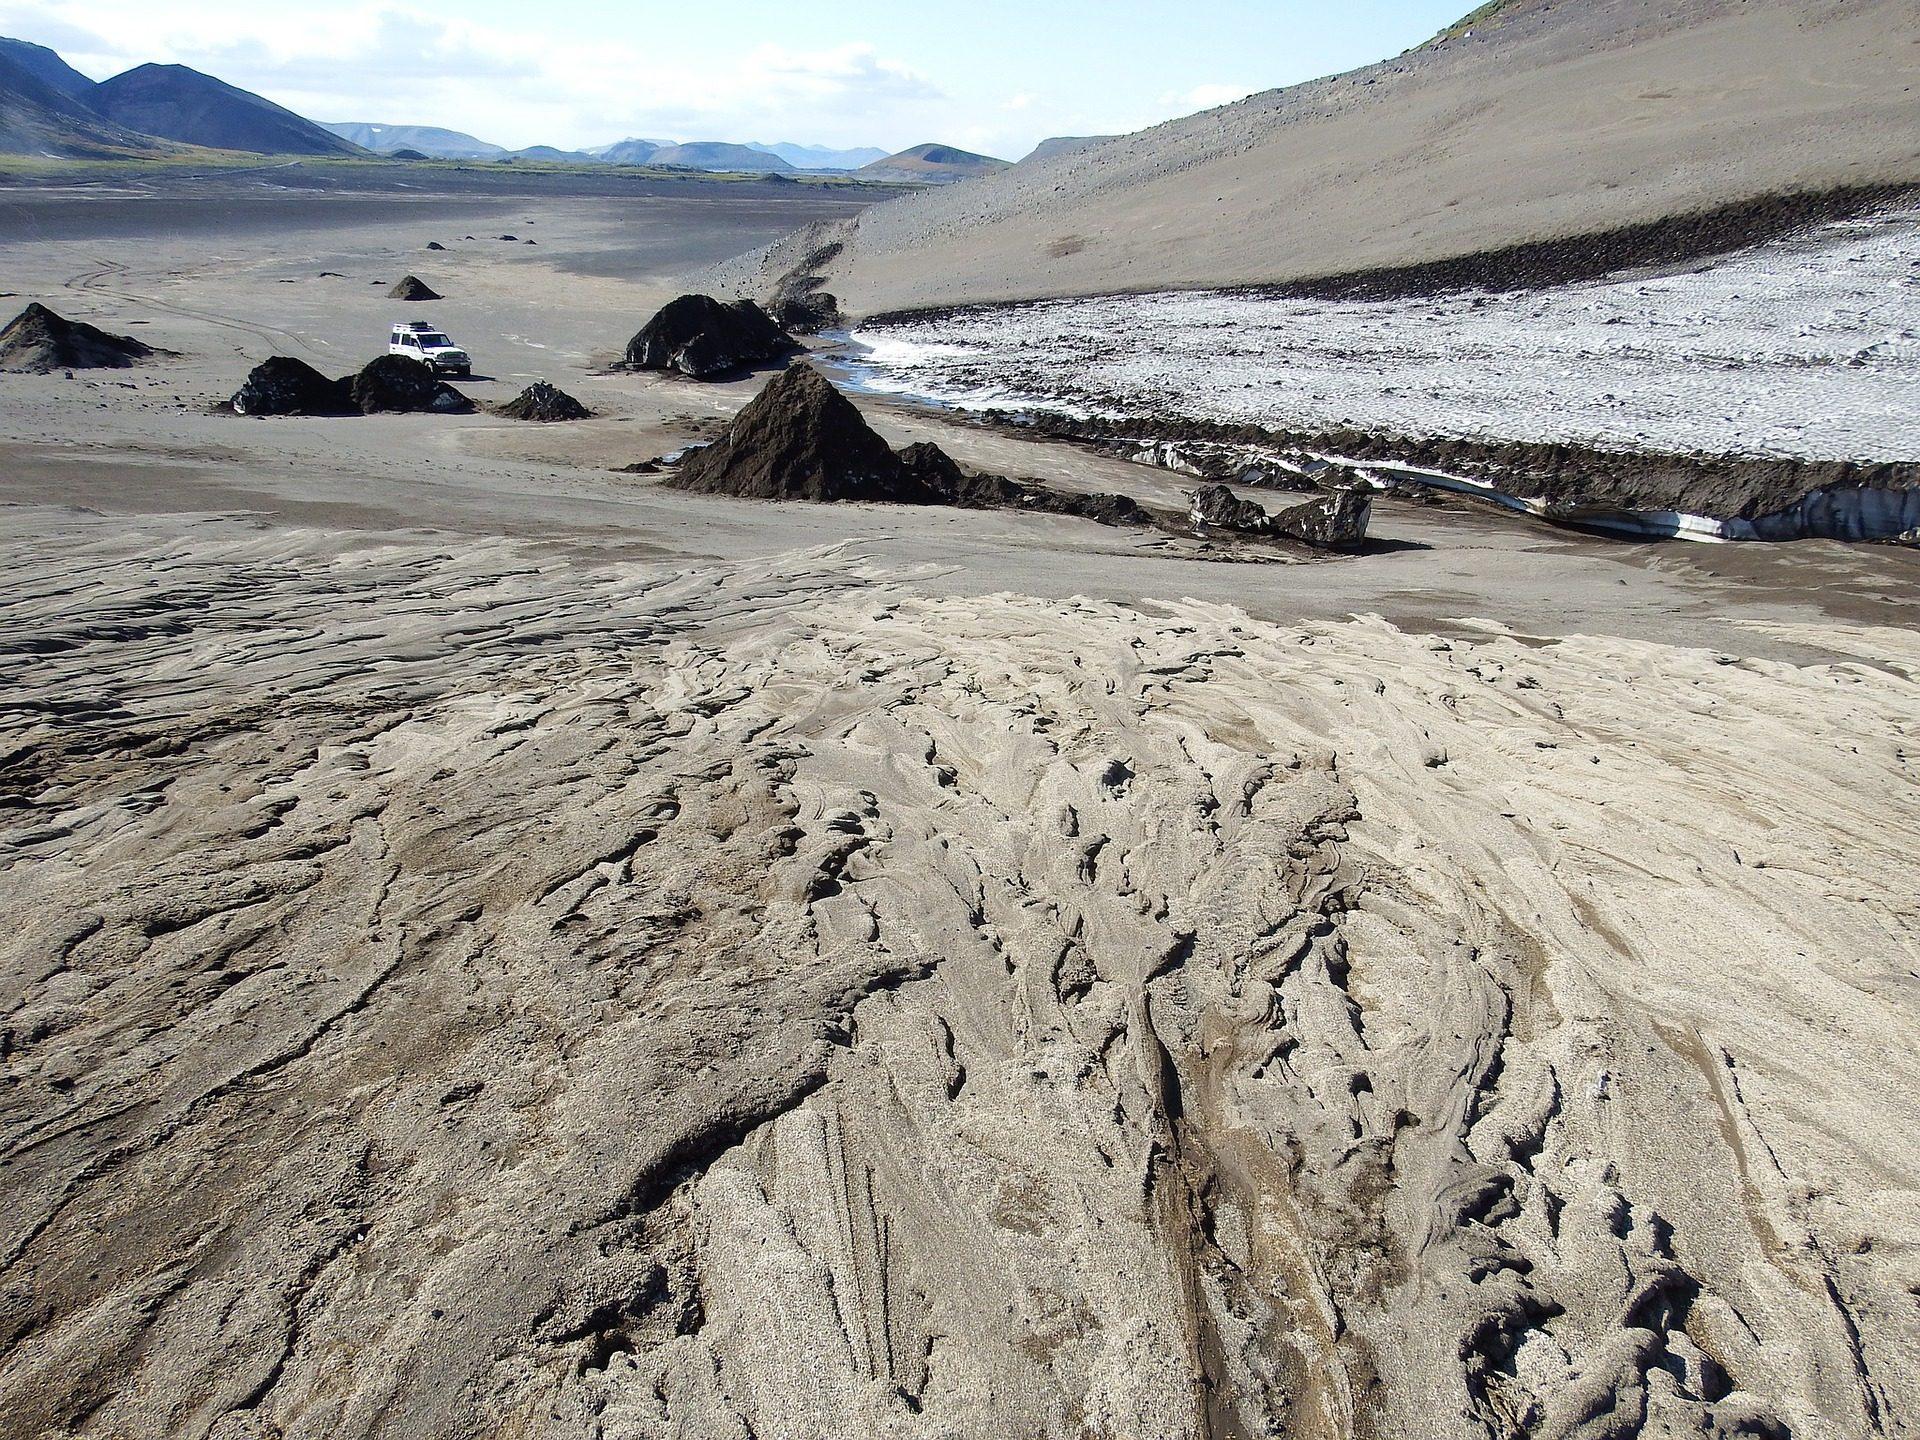 Άμμος, έρημο, Βουνό, πέτρες, αυτοκίνητο, λάσπη - Wallpapers HD - Professor-falken.com